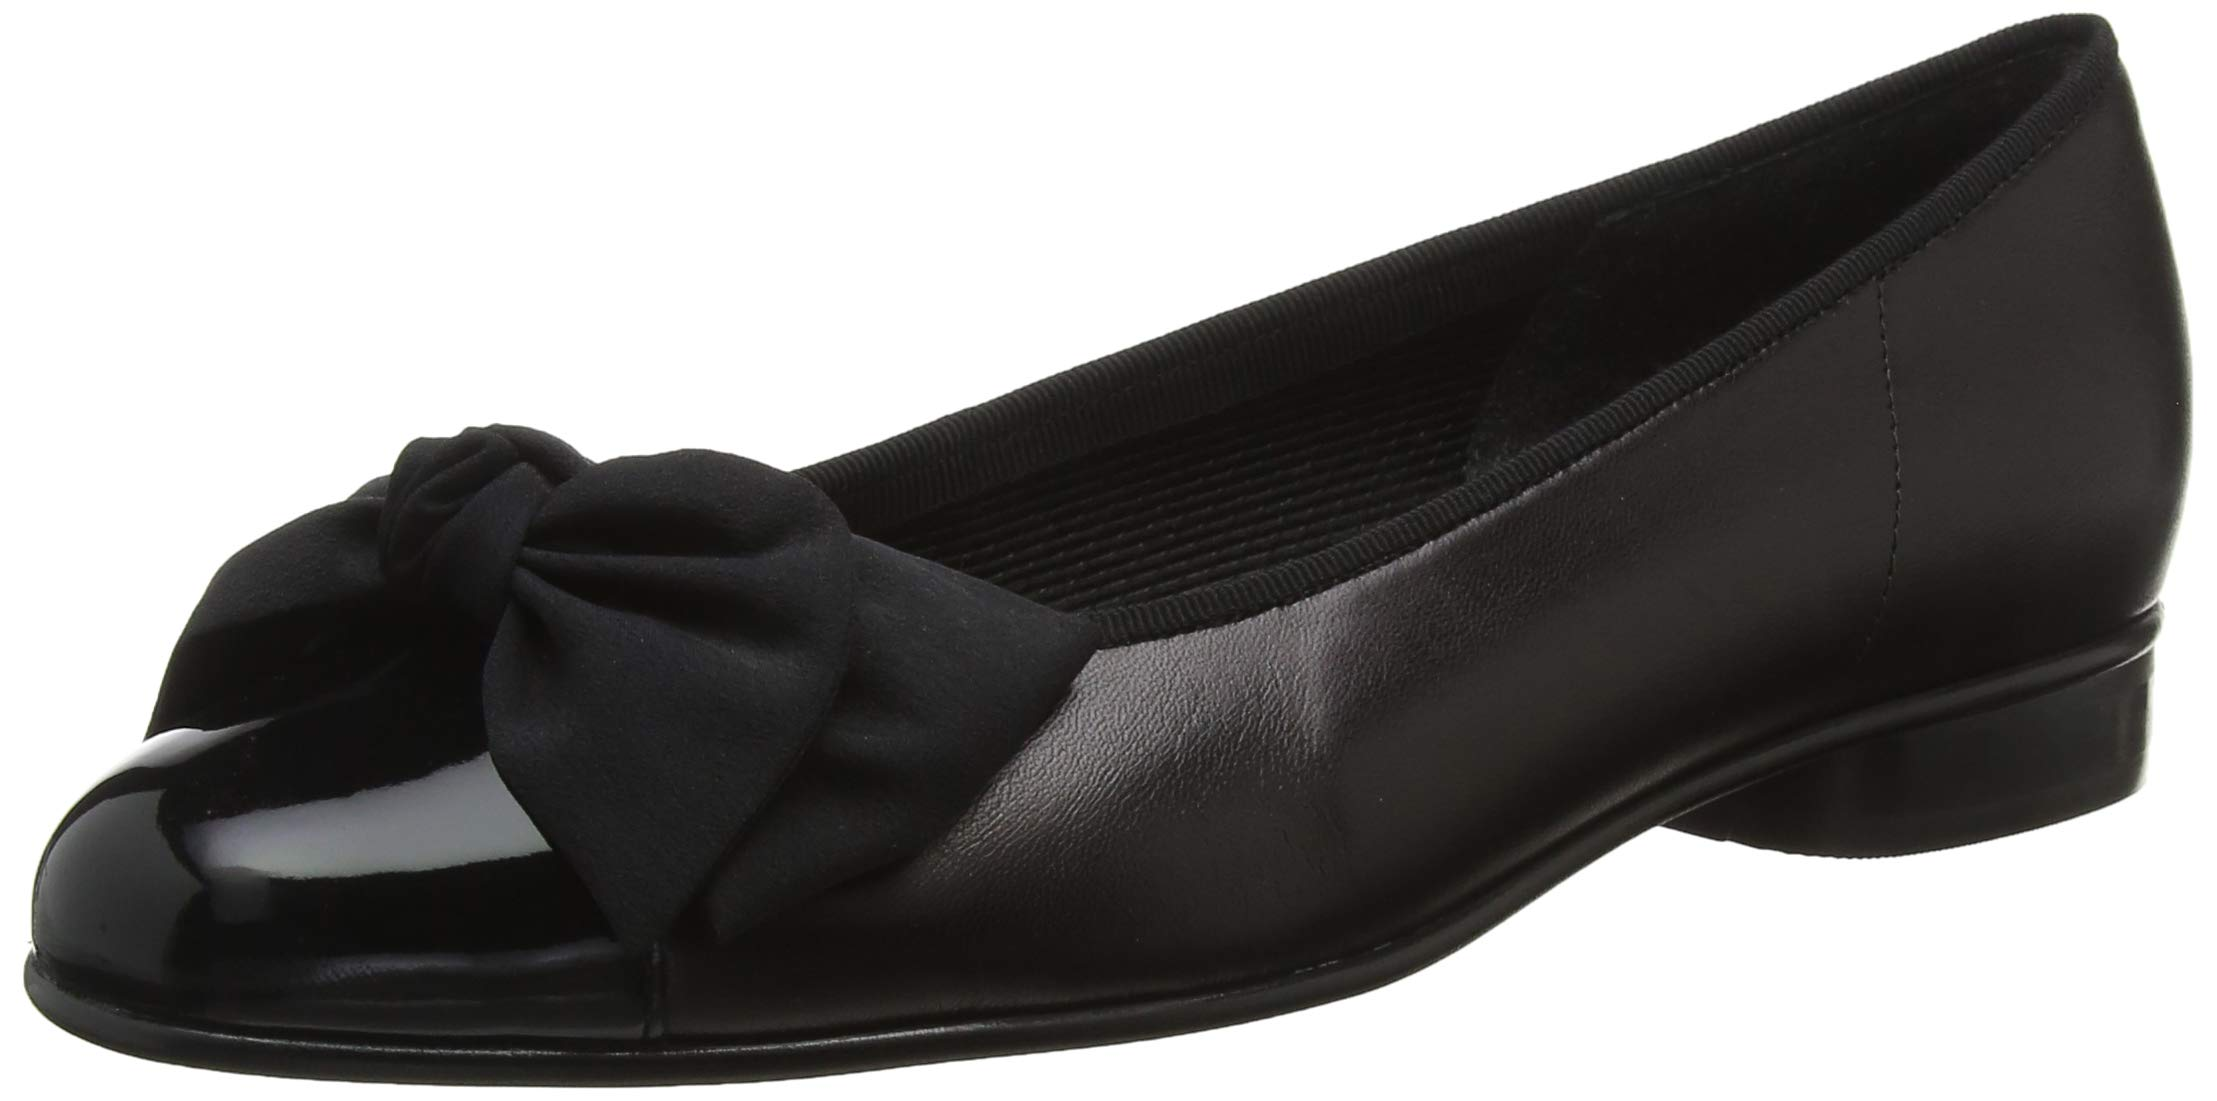 Gabor FemmeNoirblack Ballerines Eu Chaussures 3741 DHIE29